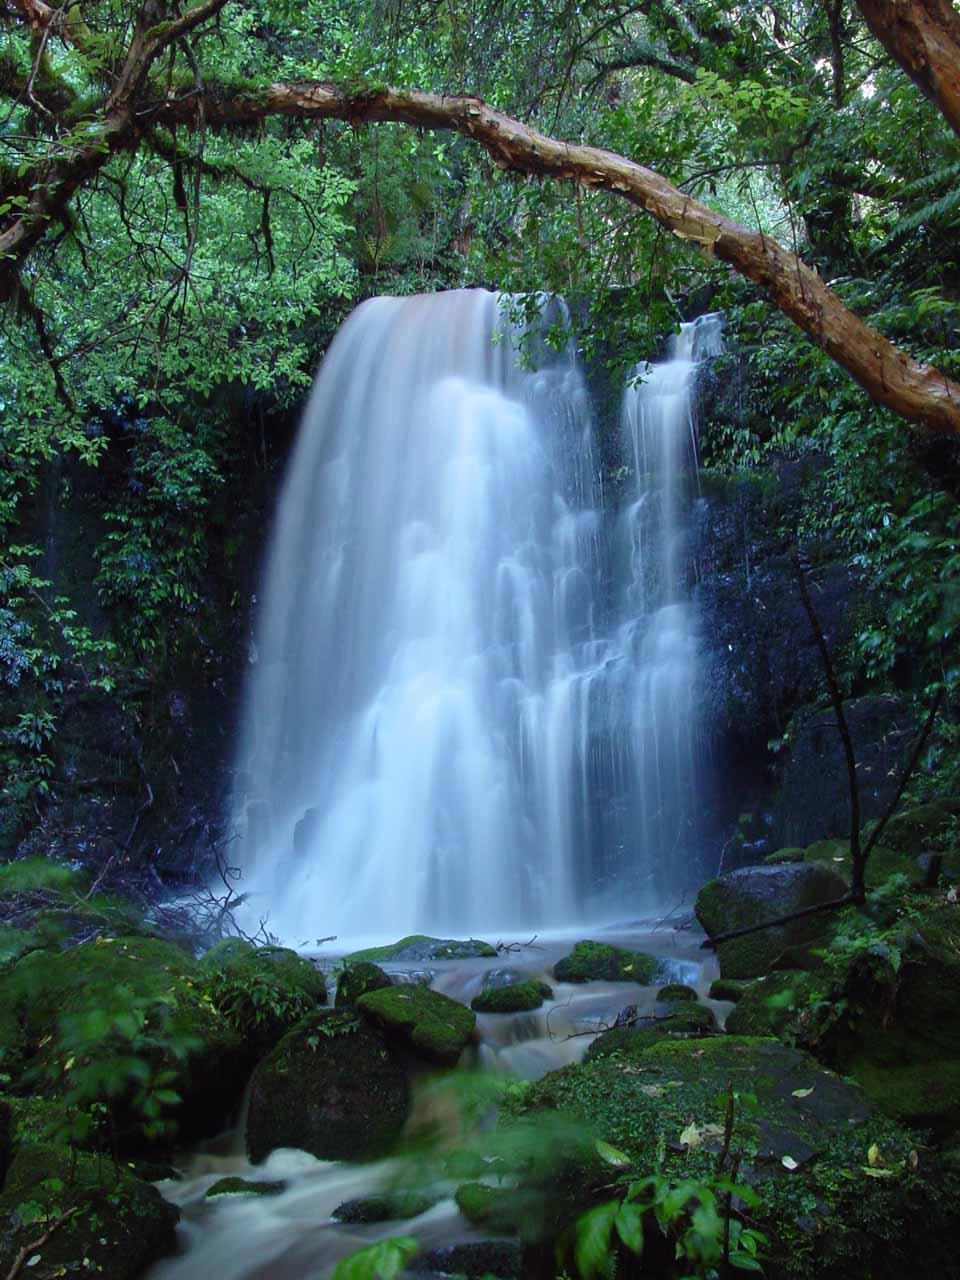 Matai Falls in over 1 second exposure